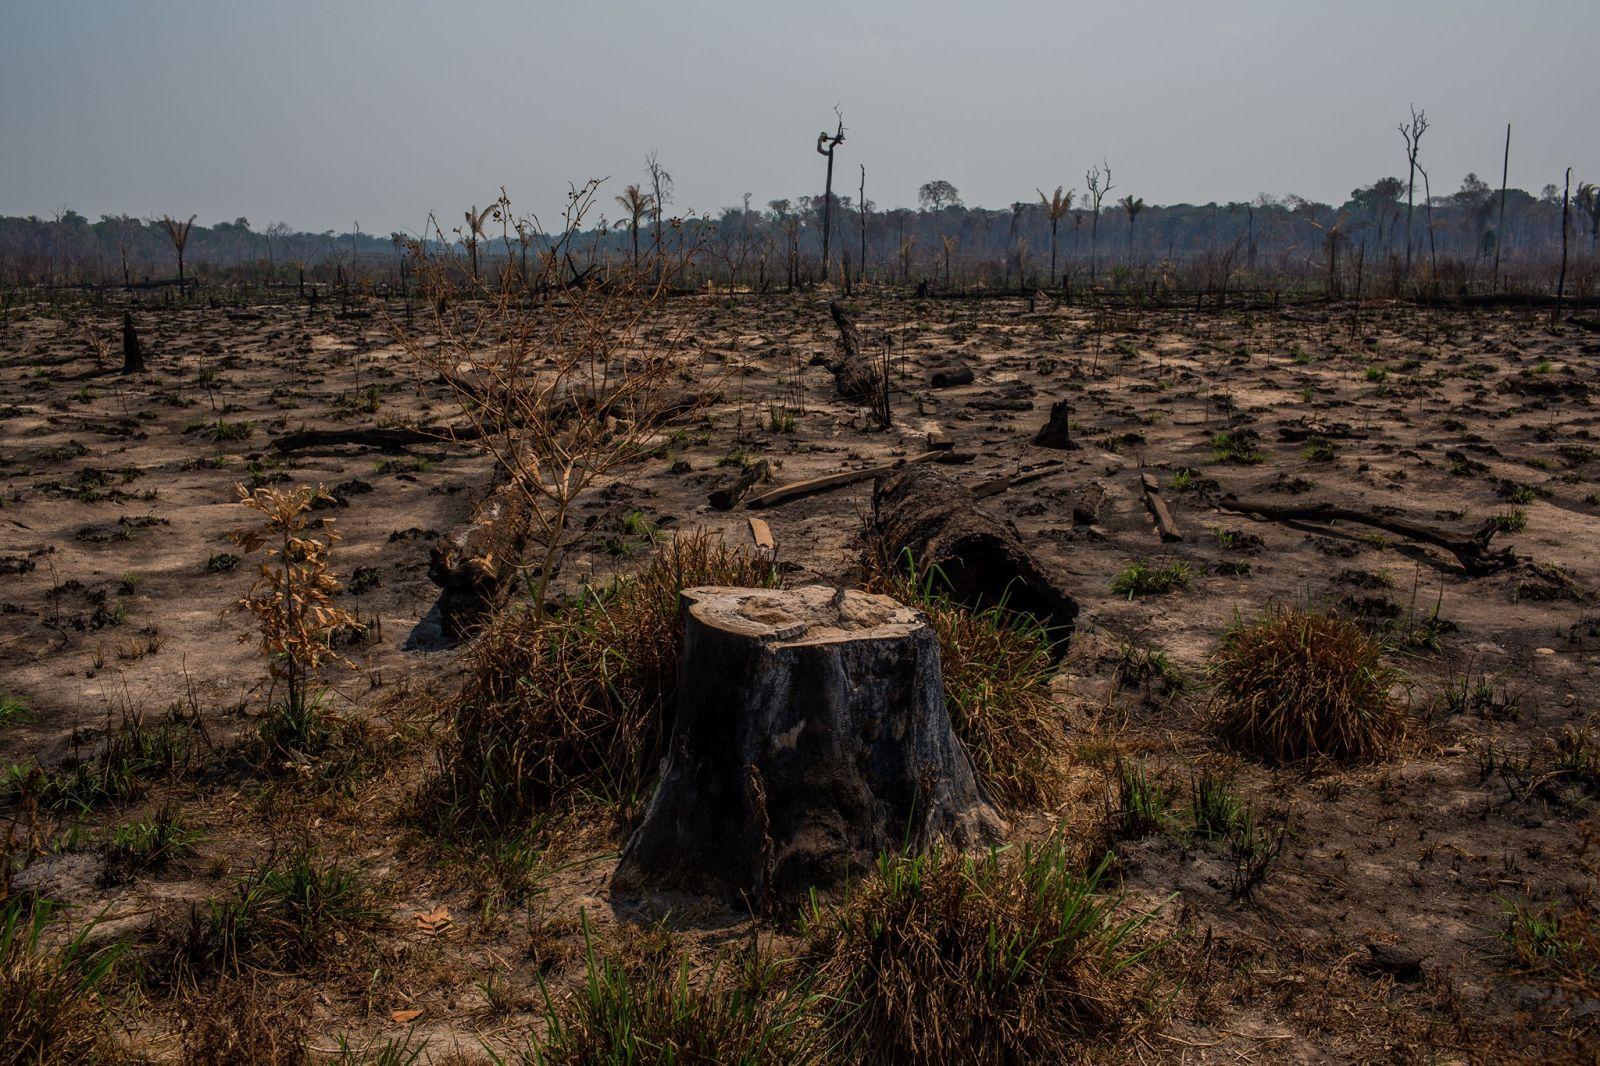 Nincs kiút a válságból klímaigazságosság nélkül!